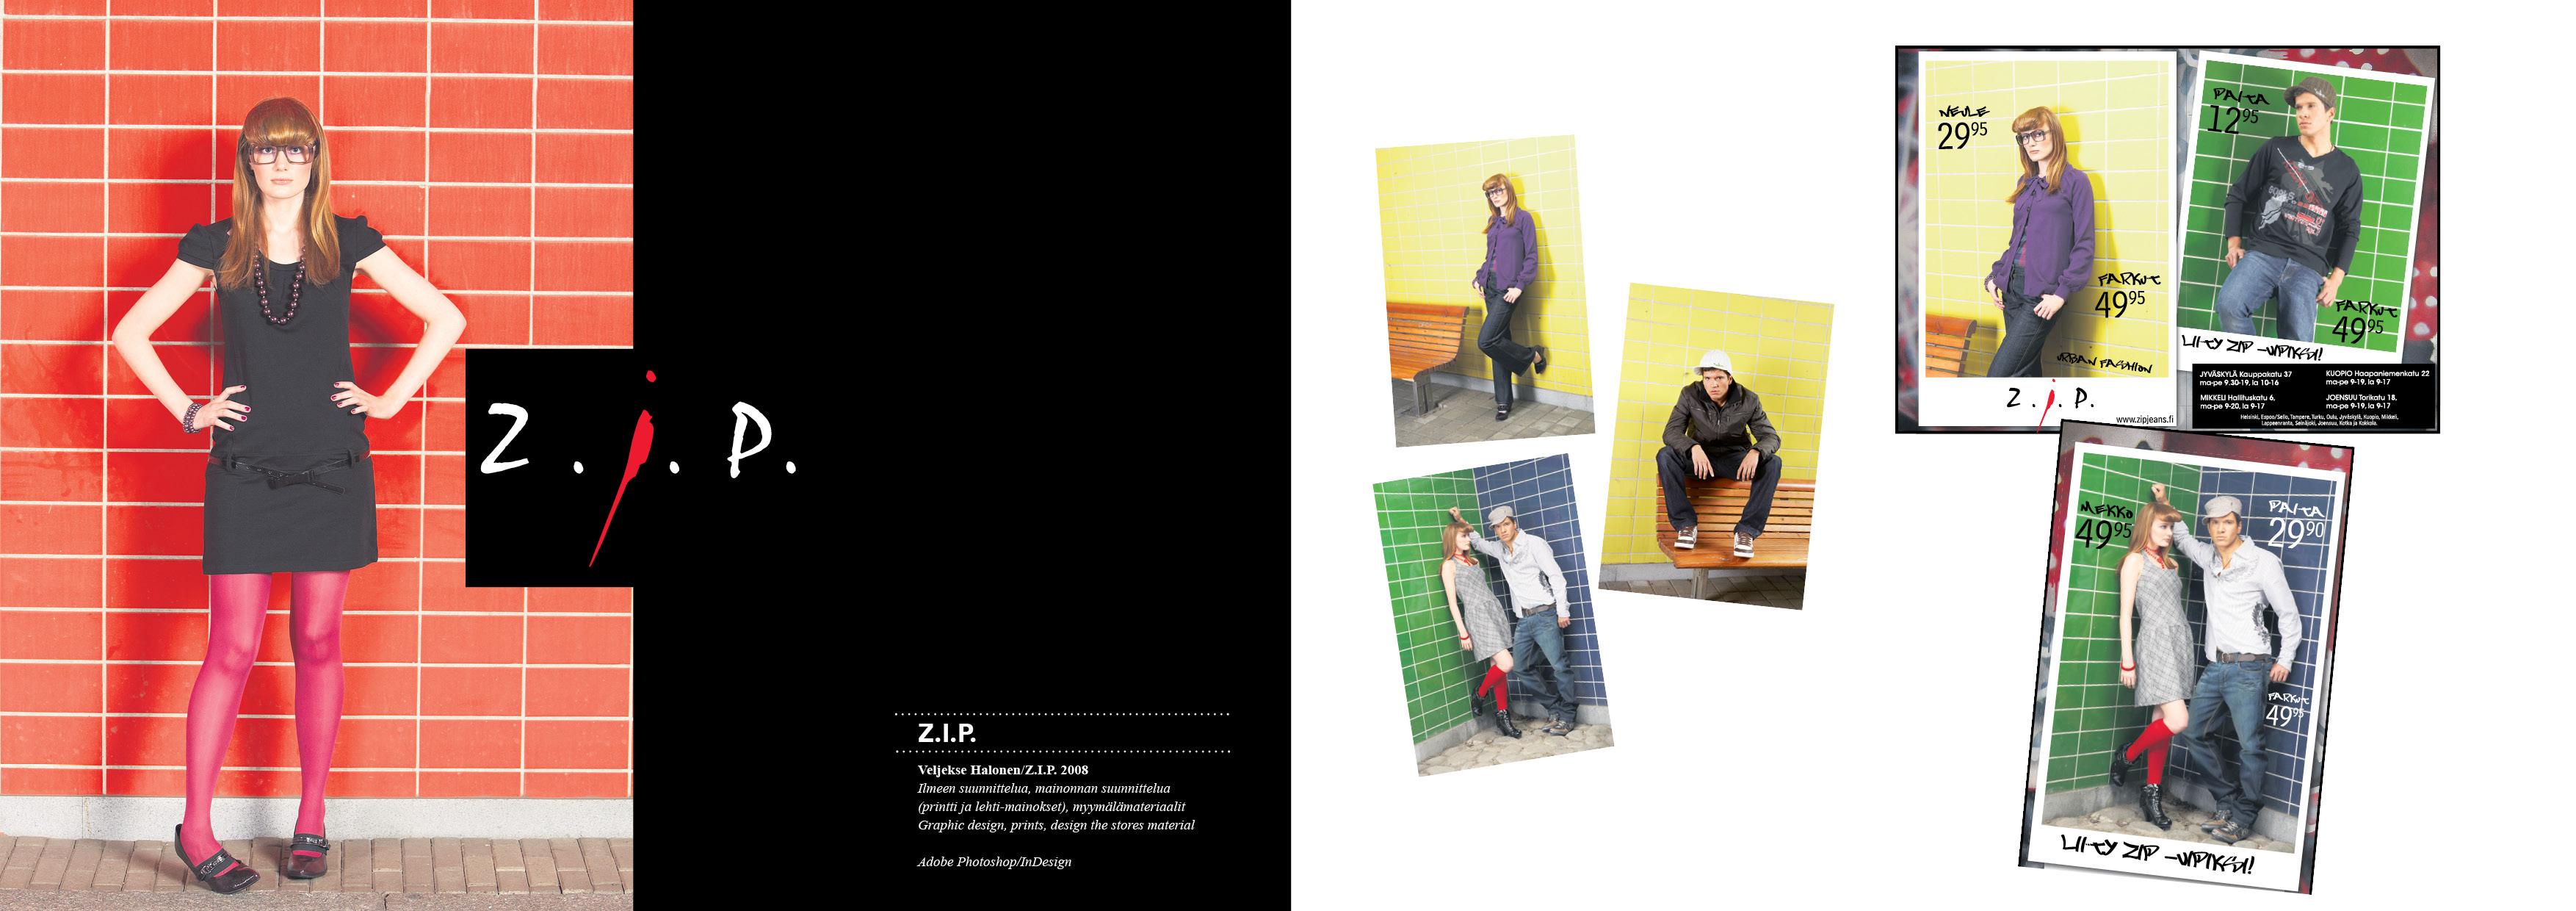 Z.I.P. 2008/Veljekset Halonen